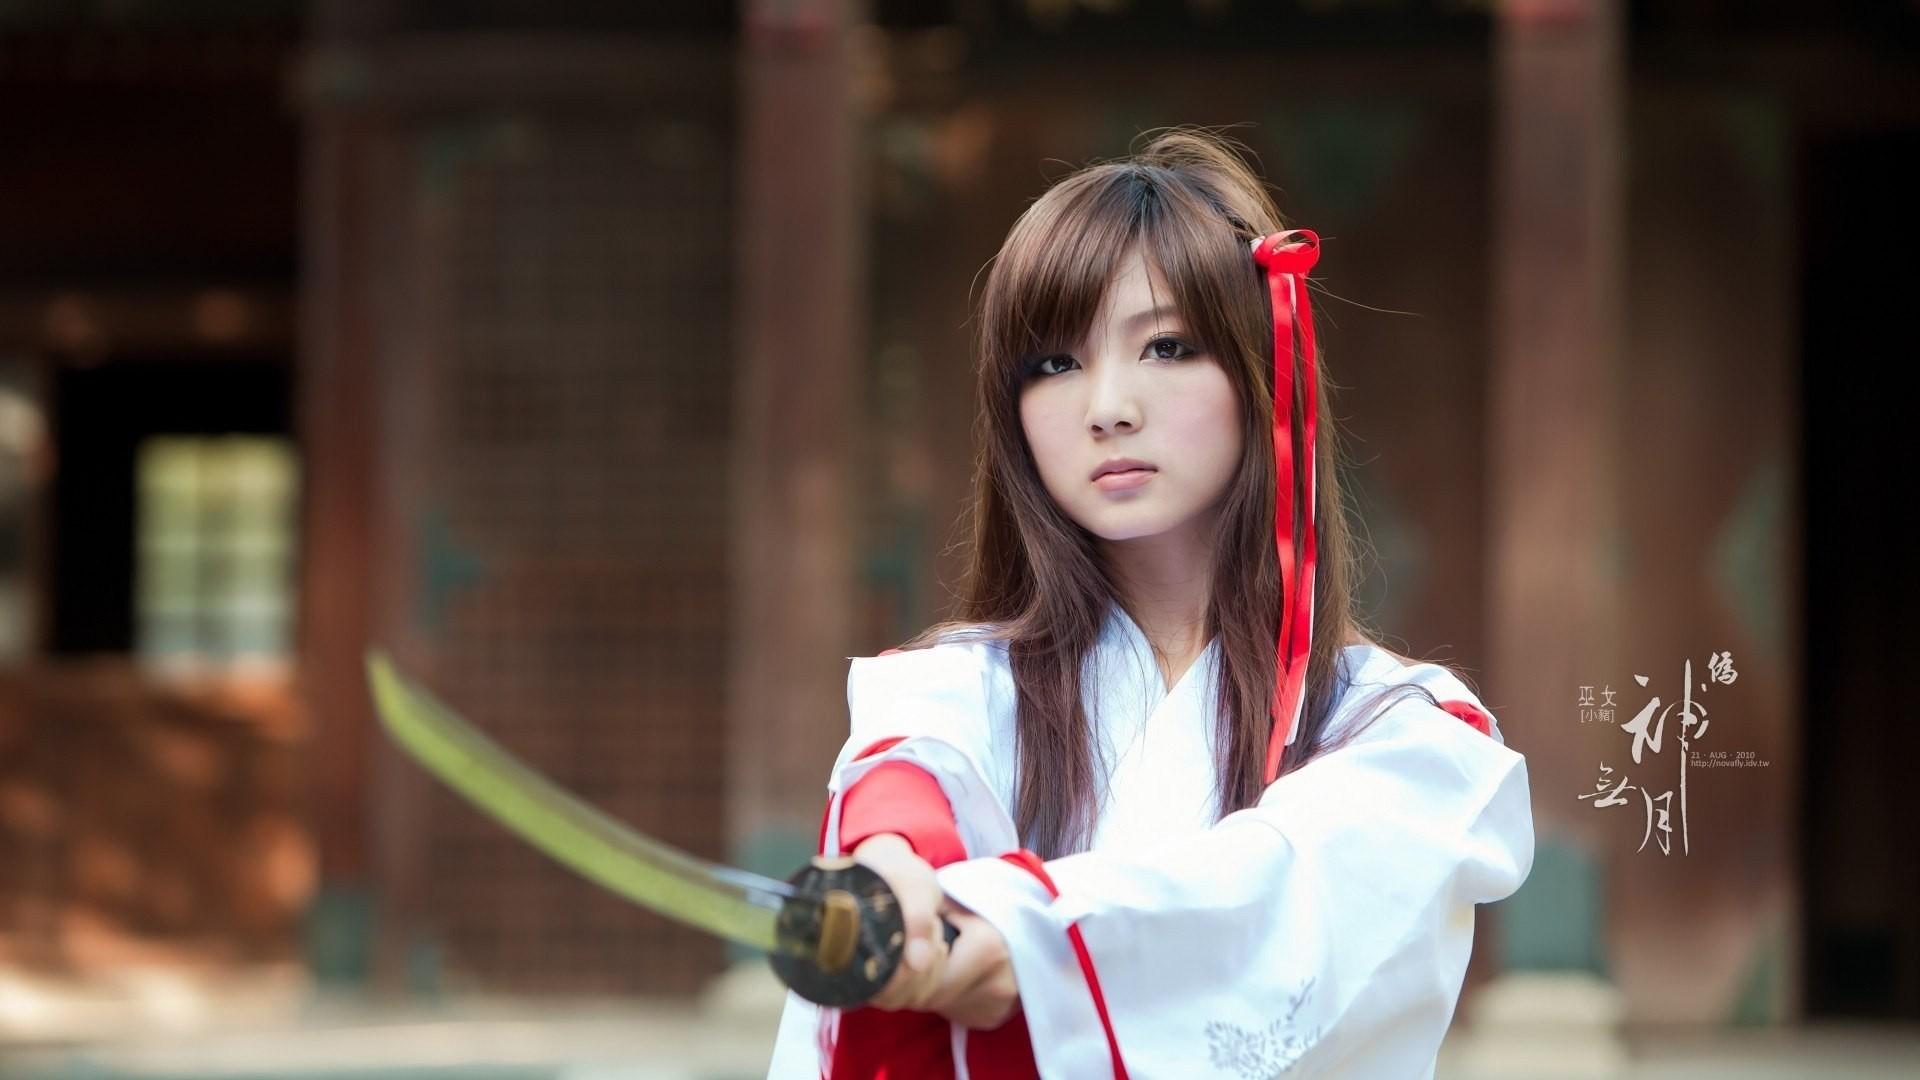 японскую красивую видео - 1